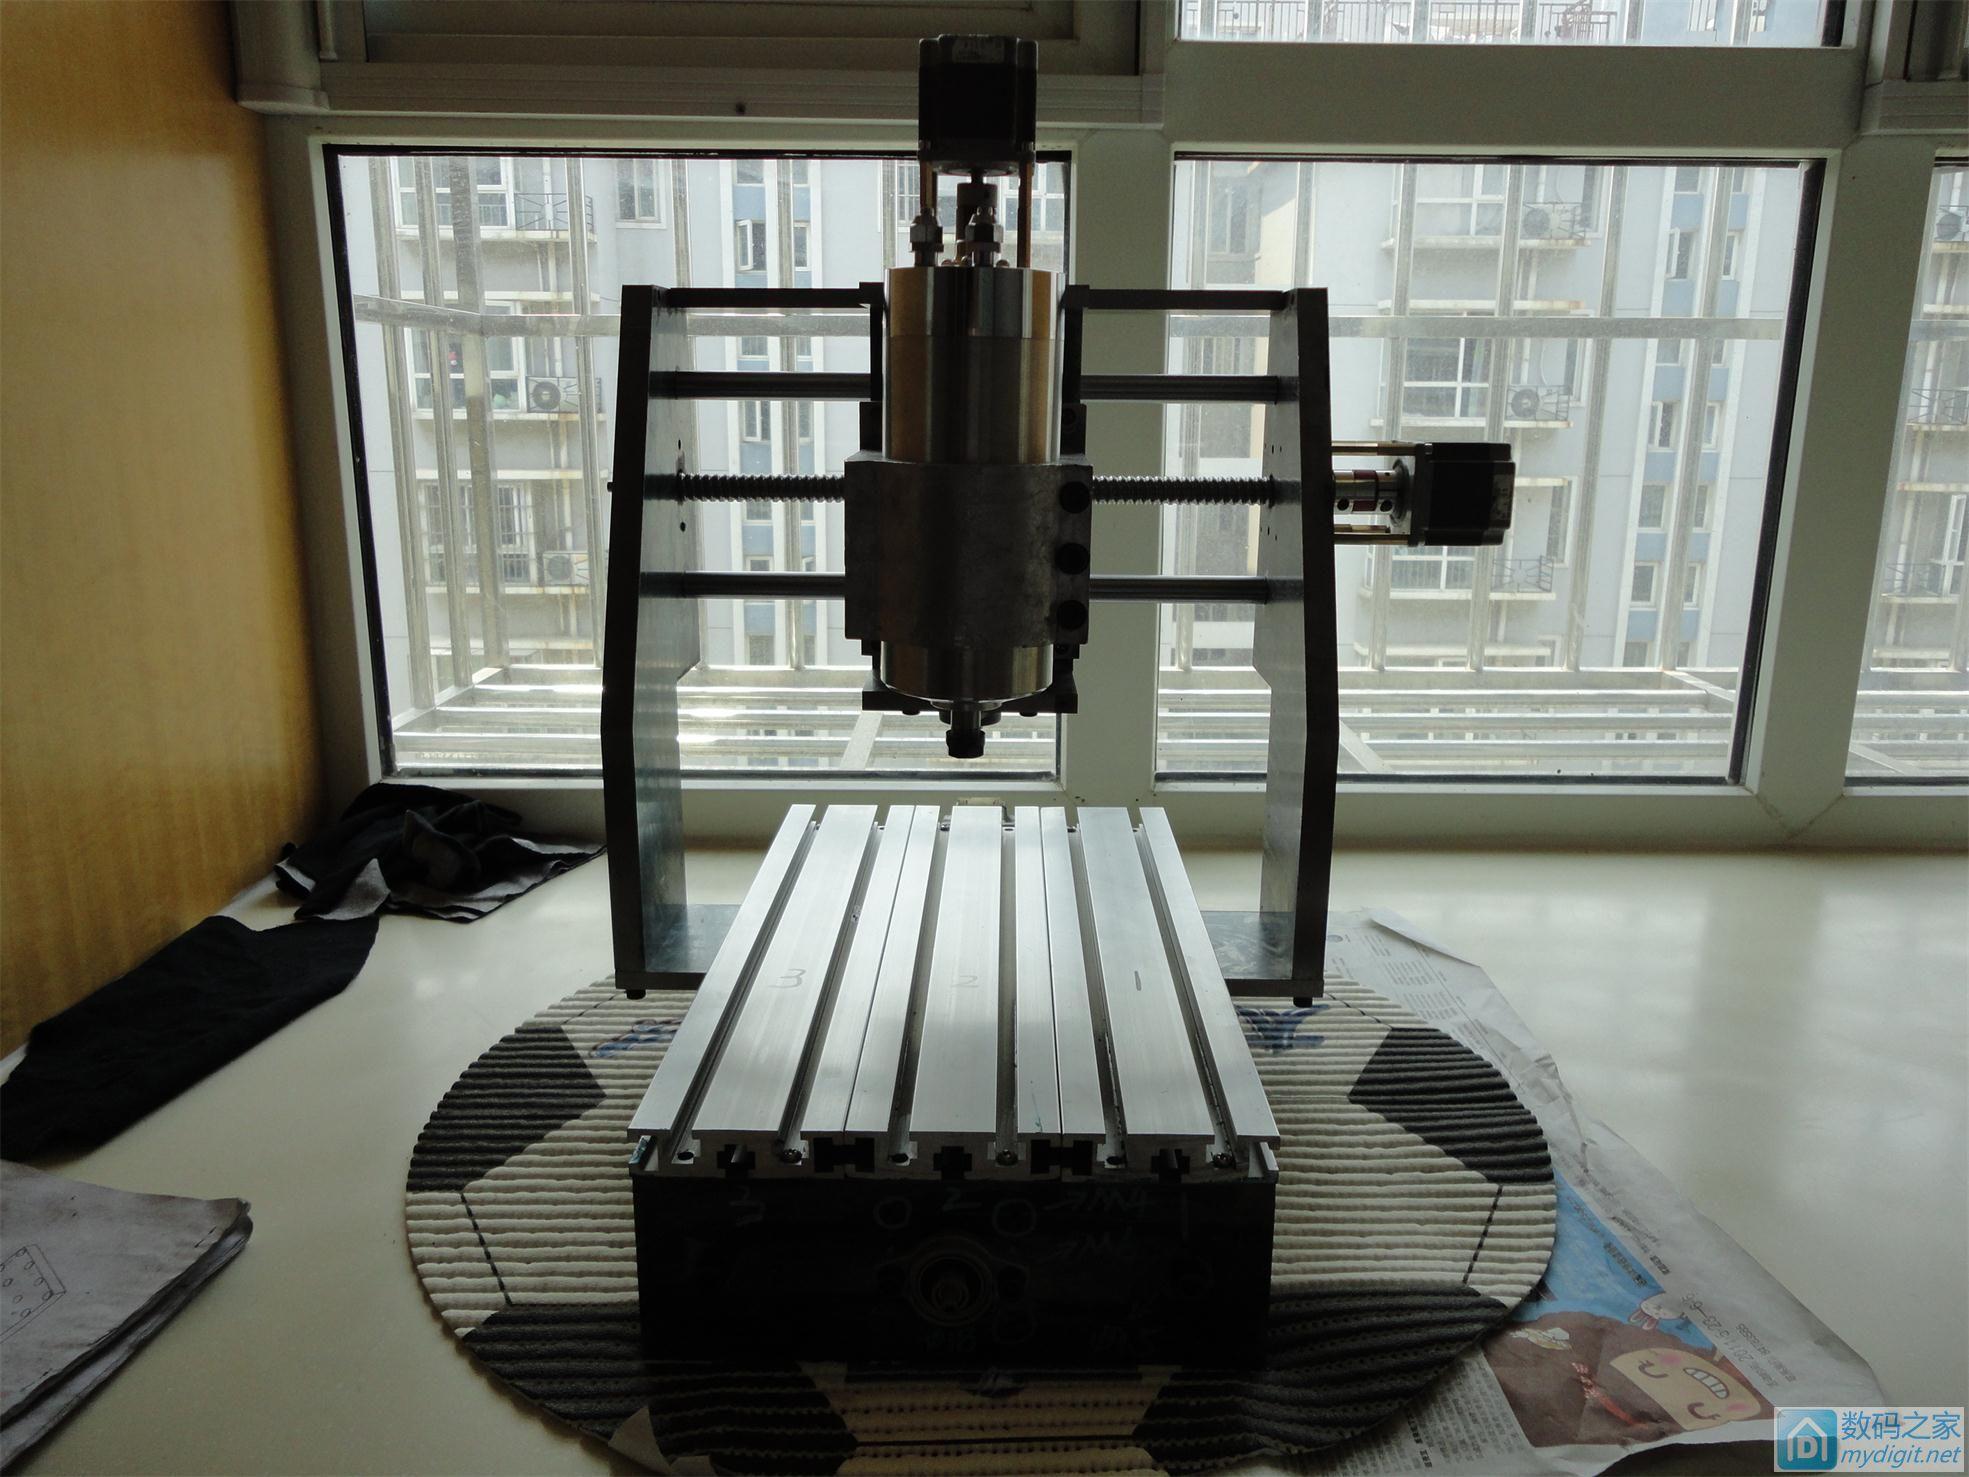 最近学习CATIA,把以前做的雕刻机用CATIA画了一遍。